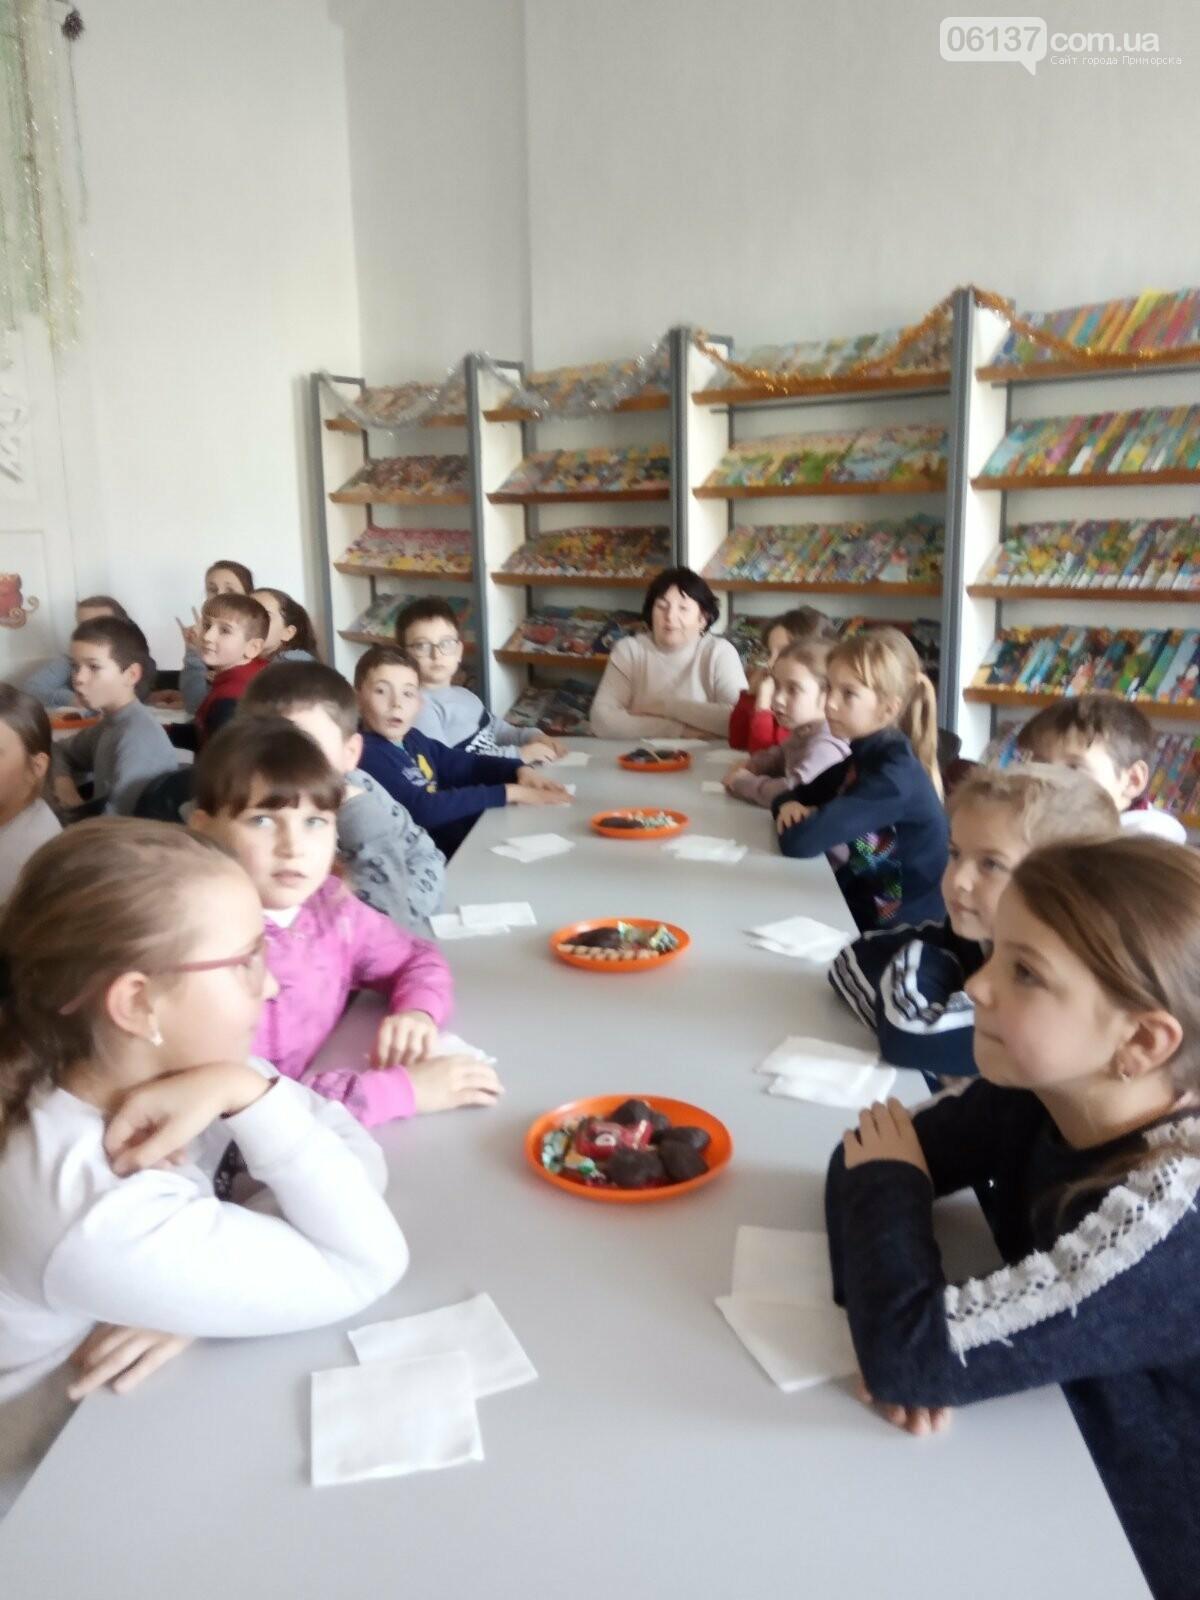 Мульткинозал в Приморской городской библиотеке, фото-1